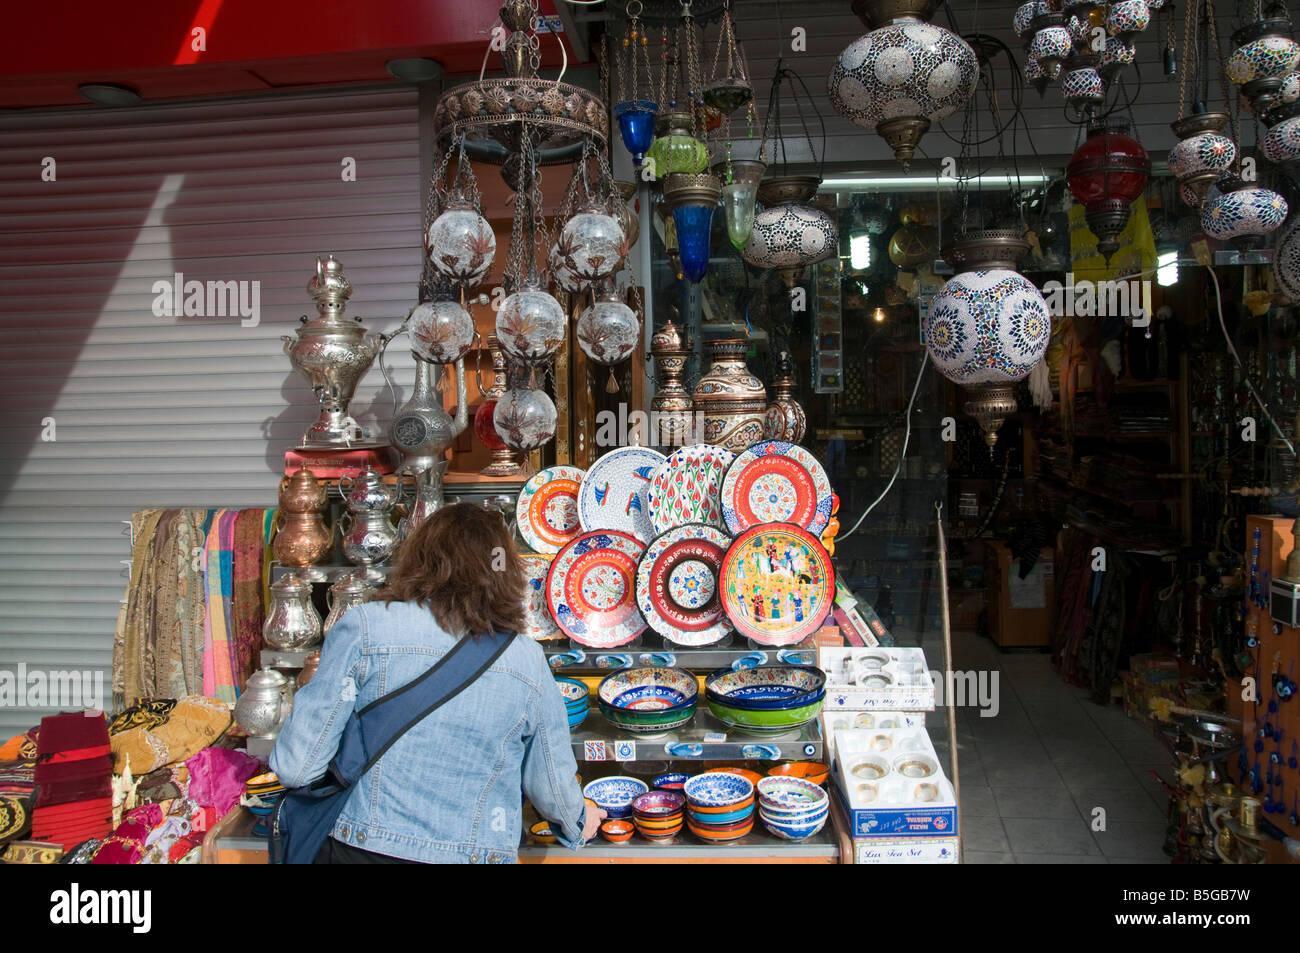 Turchia Istanbul turista femminile presso un negozio di souvenir in Yeniceriler Caddesi modello di rilascio disponibili Immagini Stock